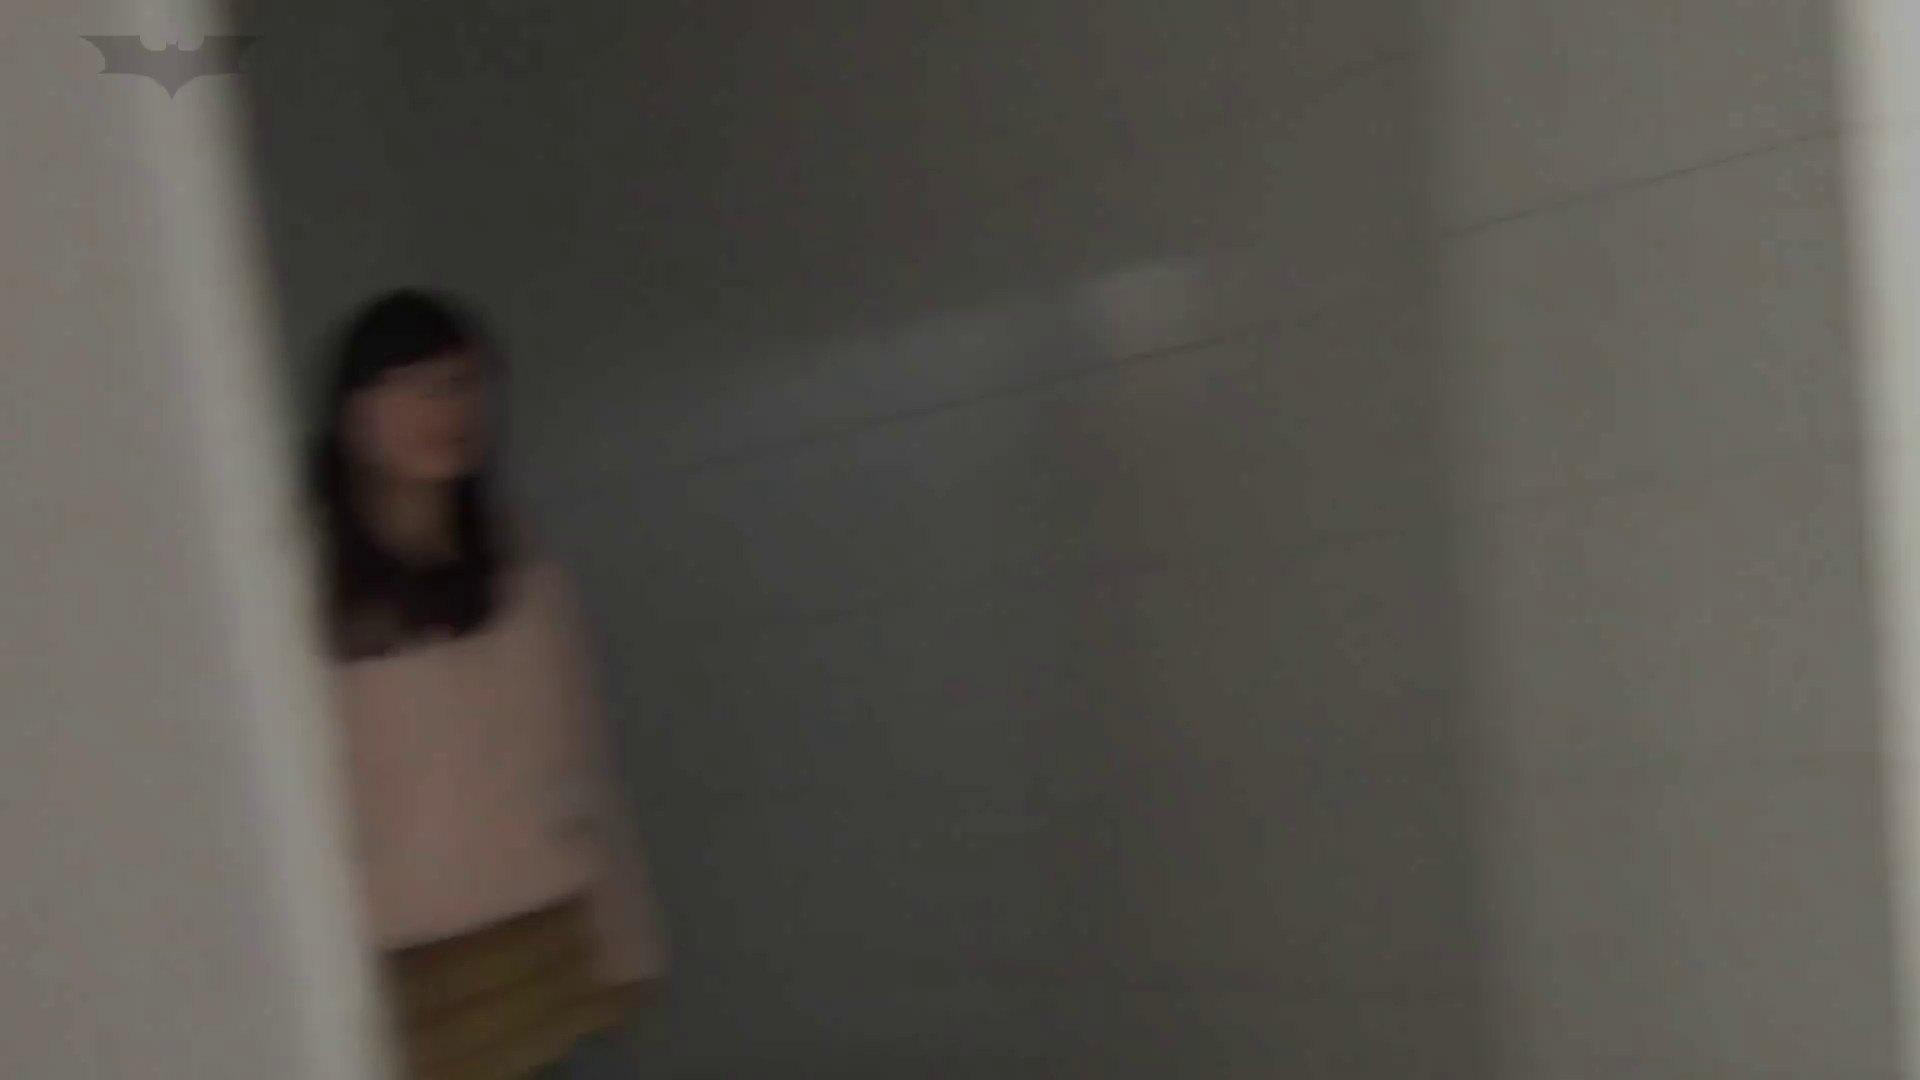 JD盗撮 美女の洗面所の秘密 Vol.22 美女  71PIX 22